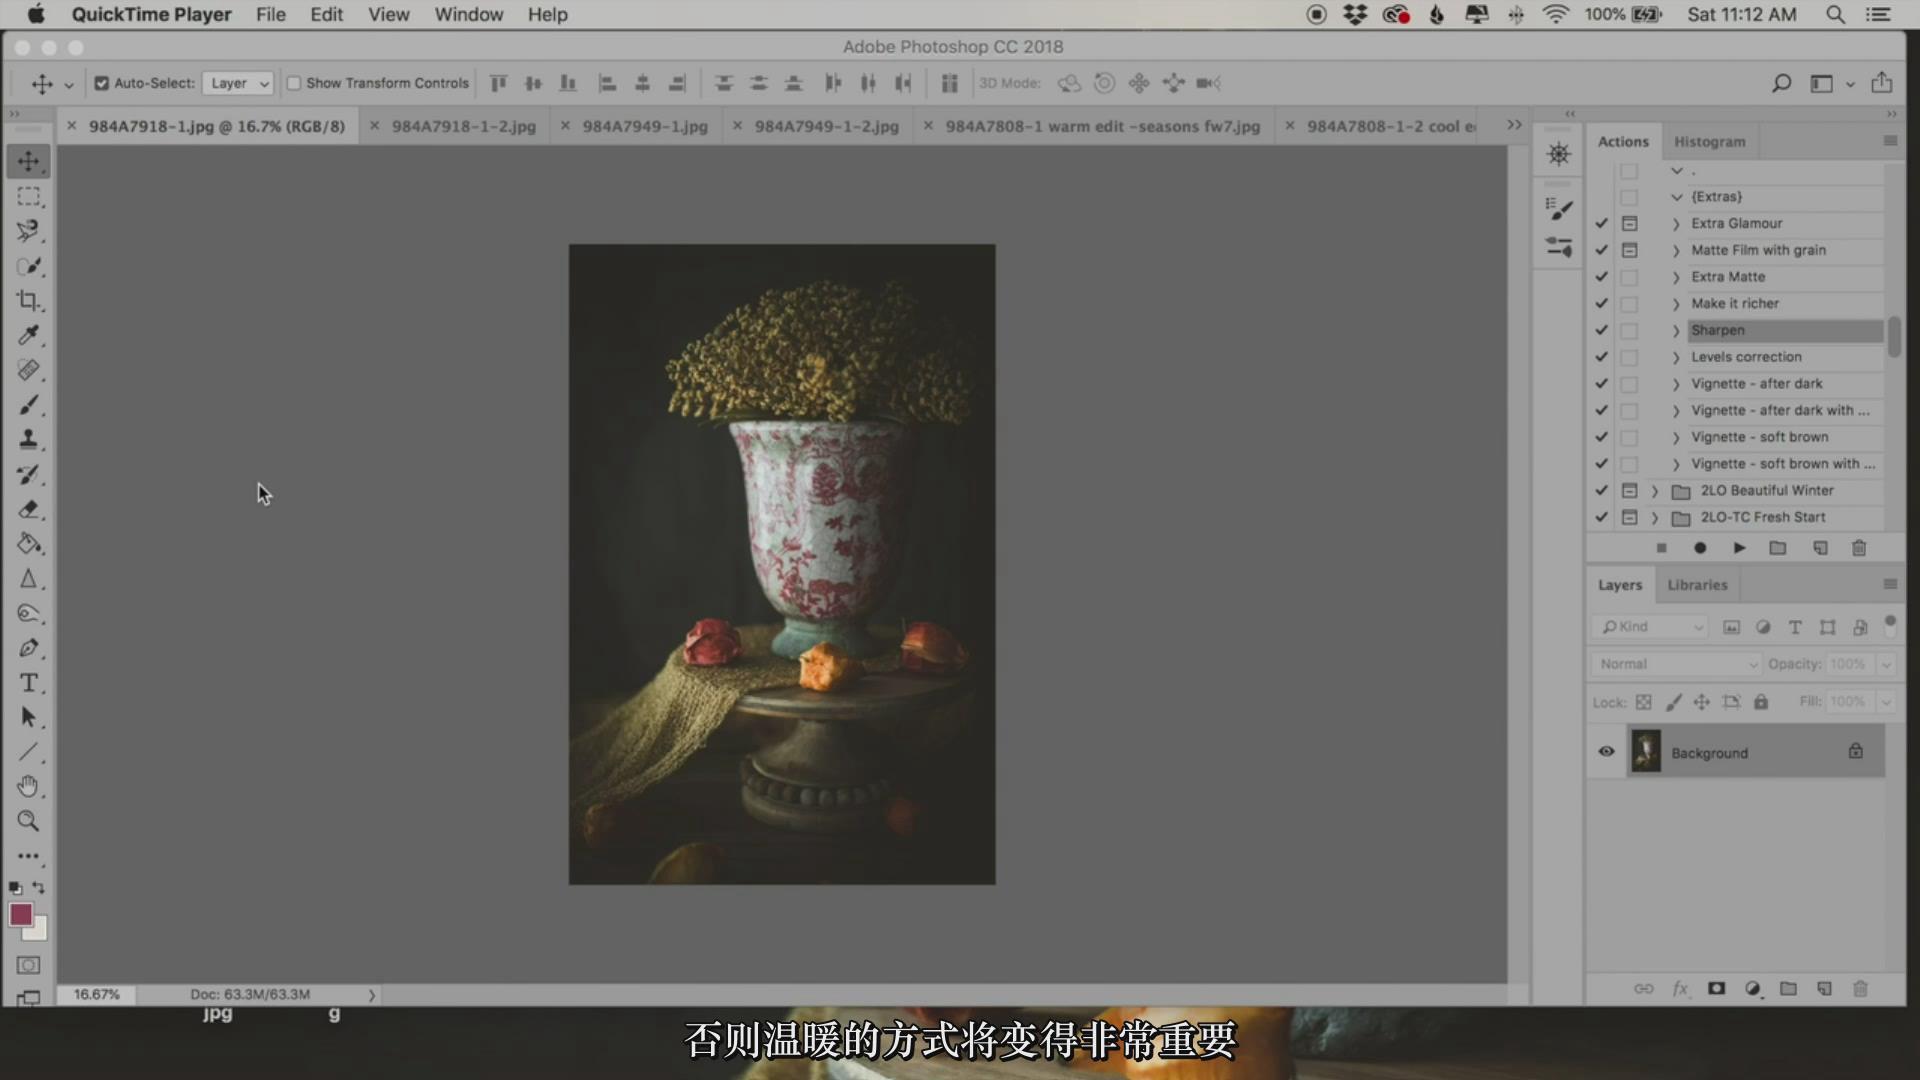 摄影教程_Lenslab –静物花卉产品摄影掌握色彩突破艺术界限研讨会-中文字幕 摄影教程 _预览图12